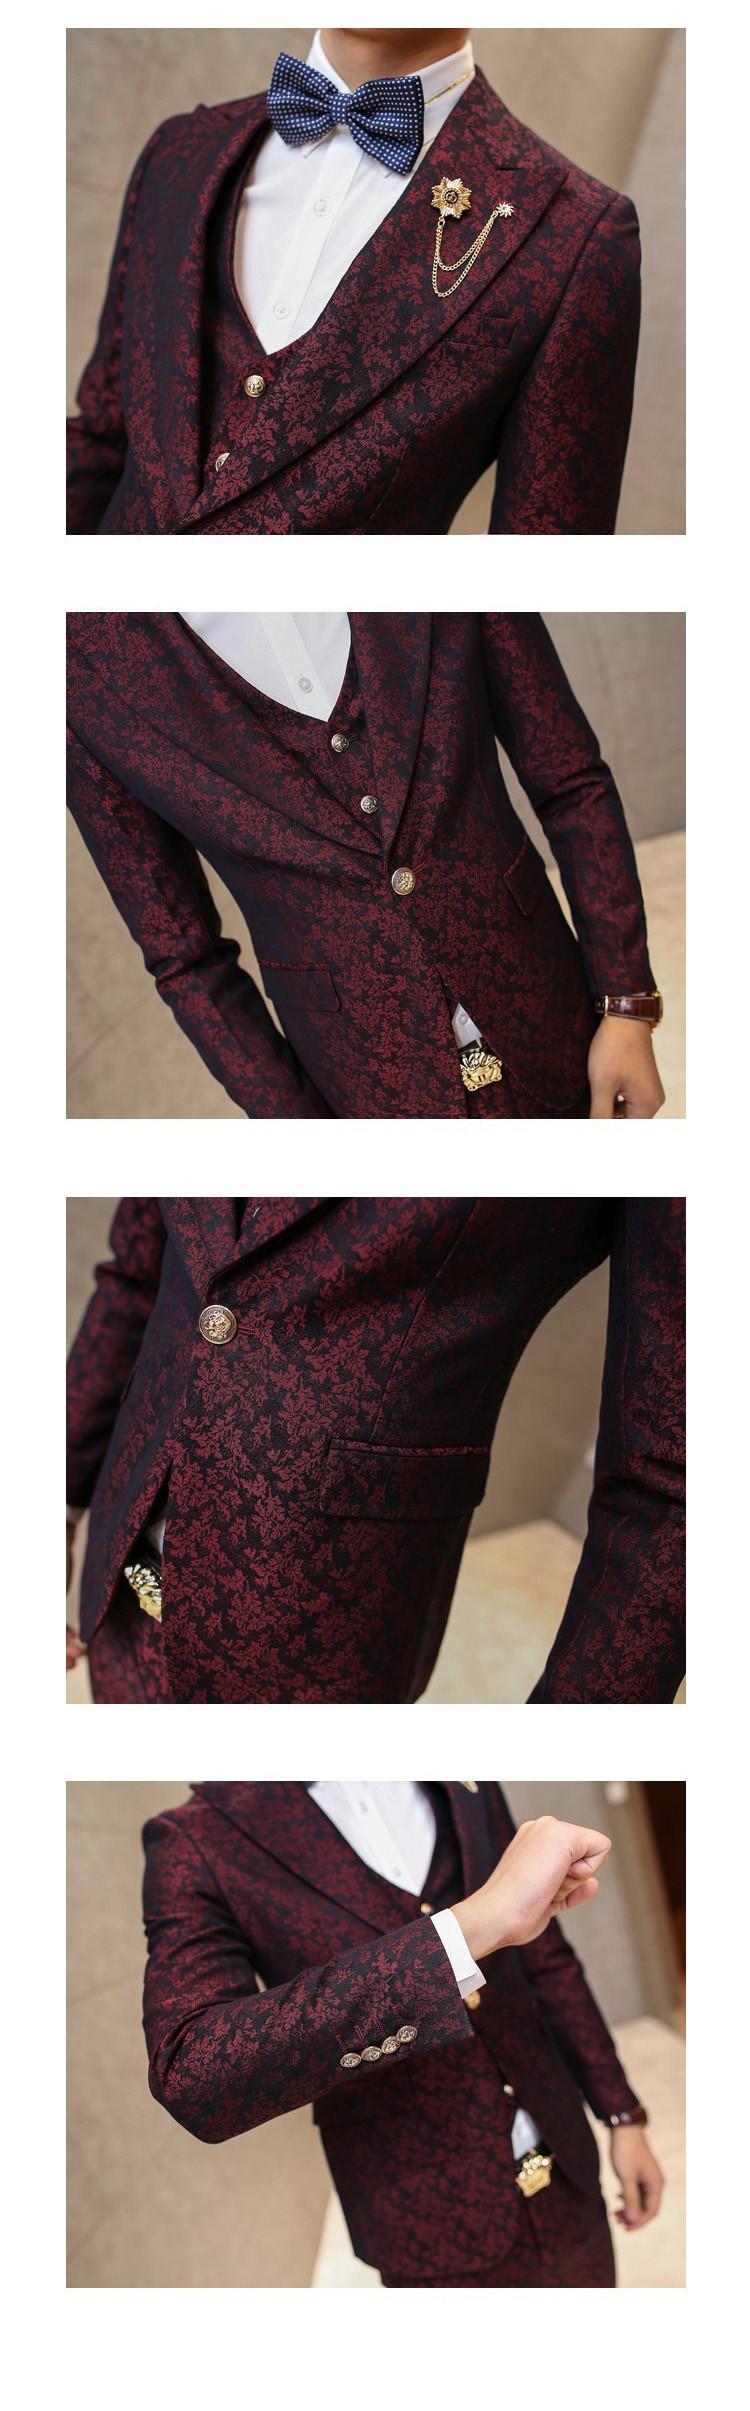 HTB1oKXpJFXXXXbCXVXXq6xXFXXXi - MAUCHLEY Prom Mens Suit With Pants Burgundy Floral Jacquard Wedding Suits for Men Slim Fit 3 Pieces / Set (Jacket+Vest+Pants)